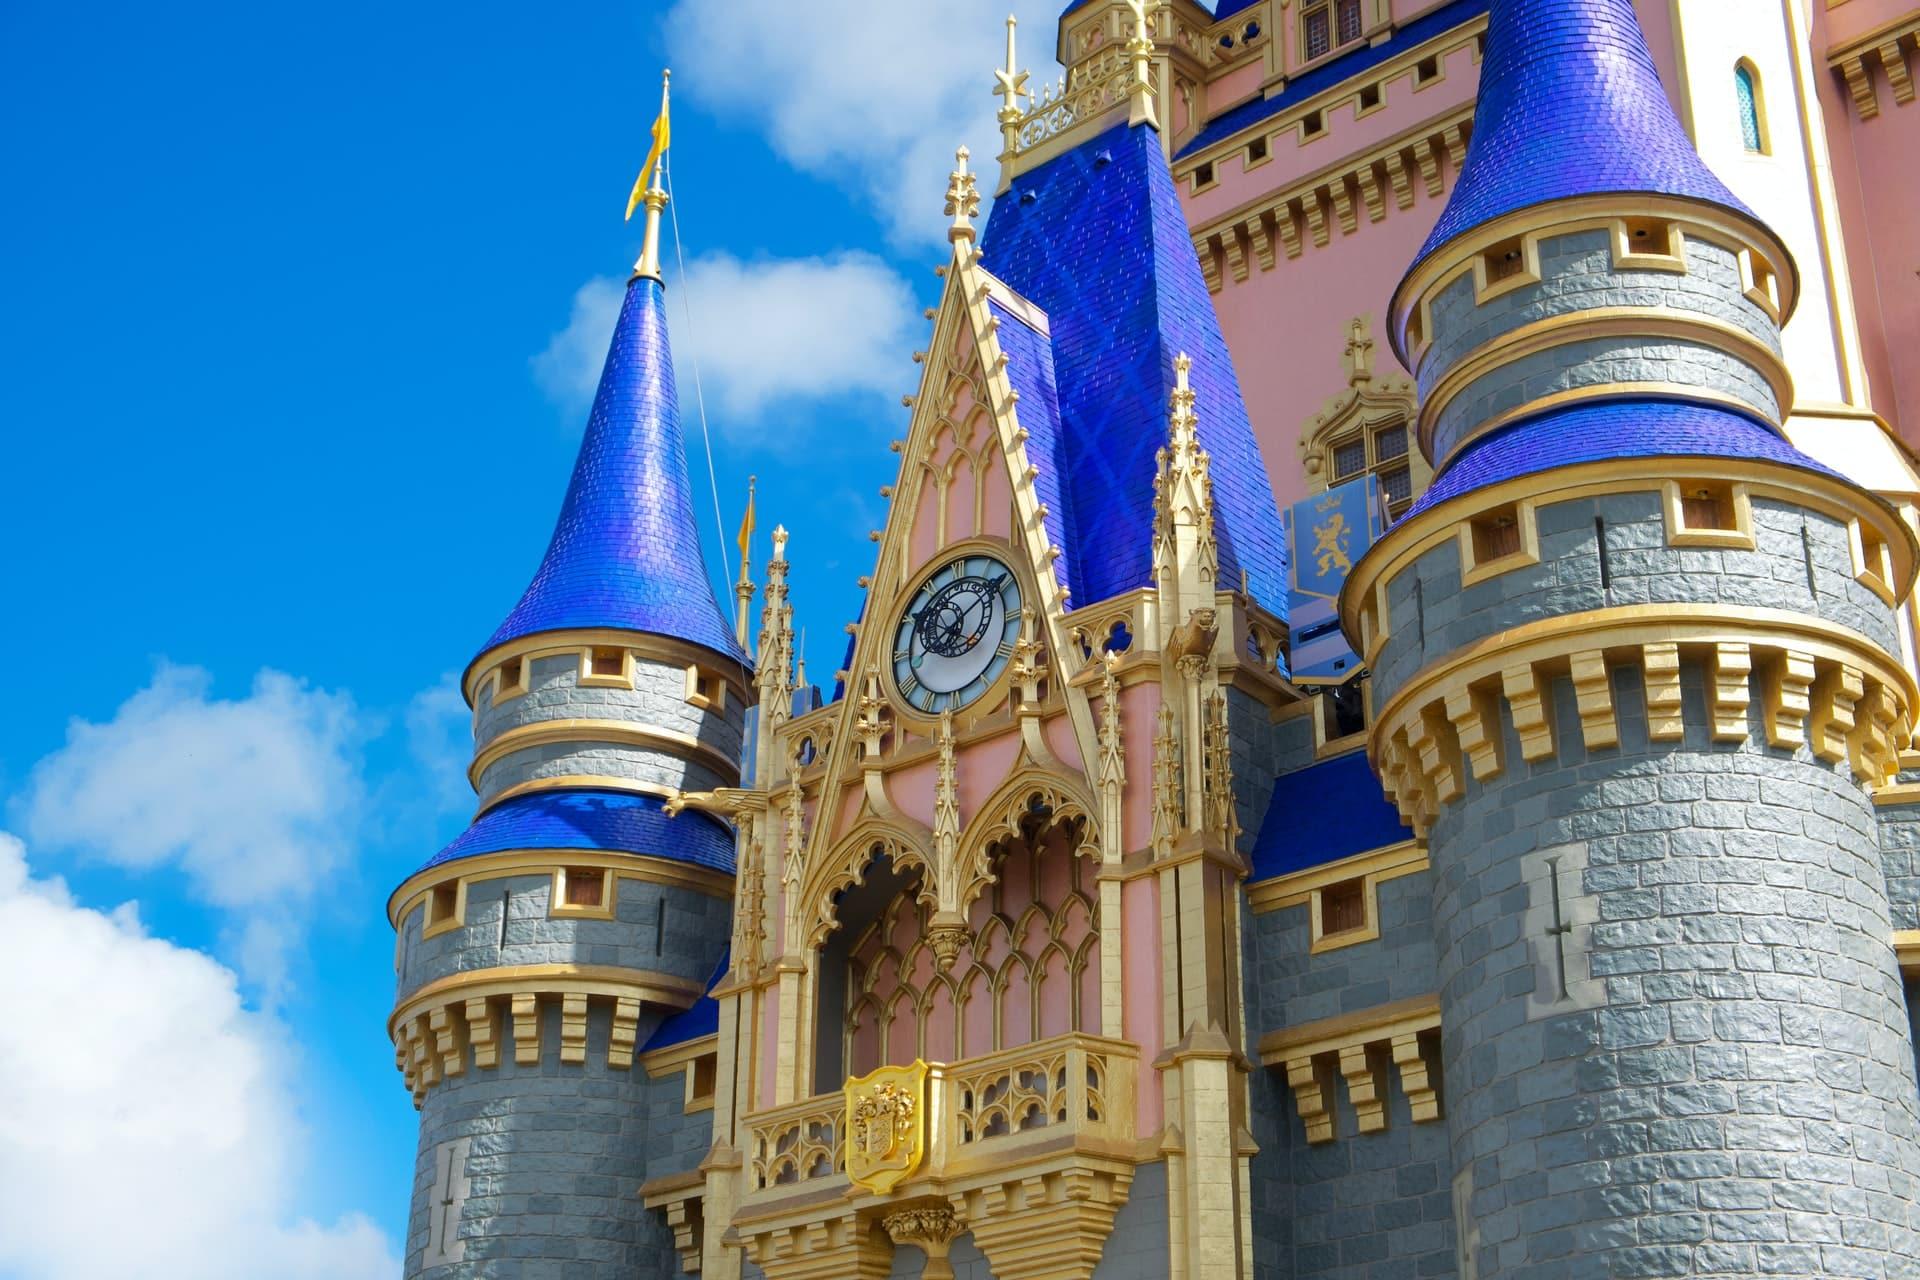 disney 50th anniversary castle